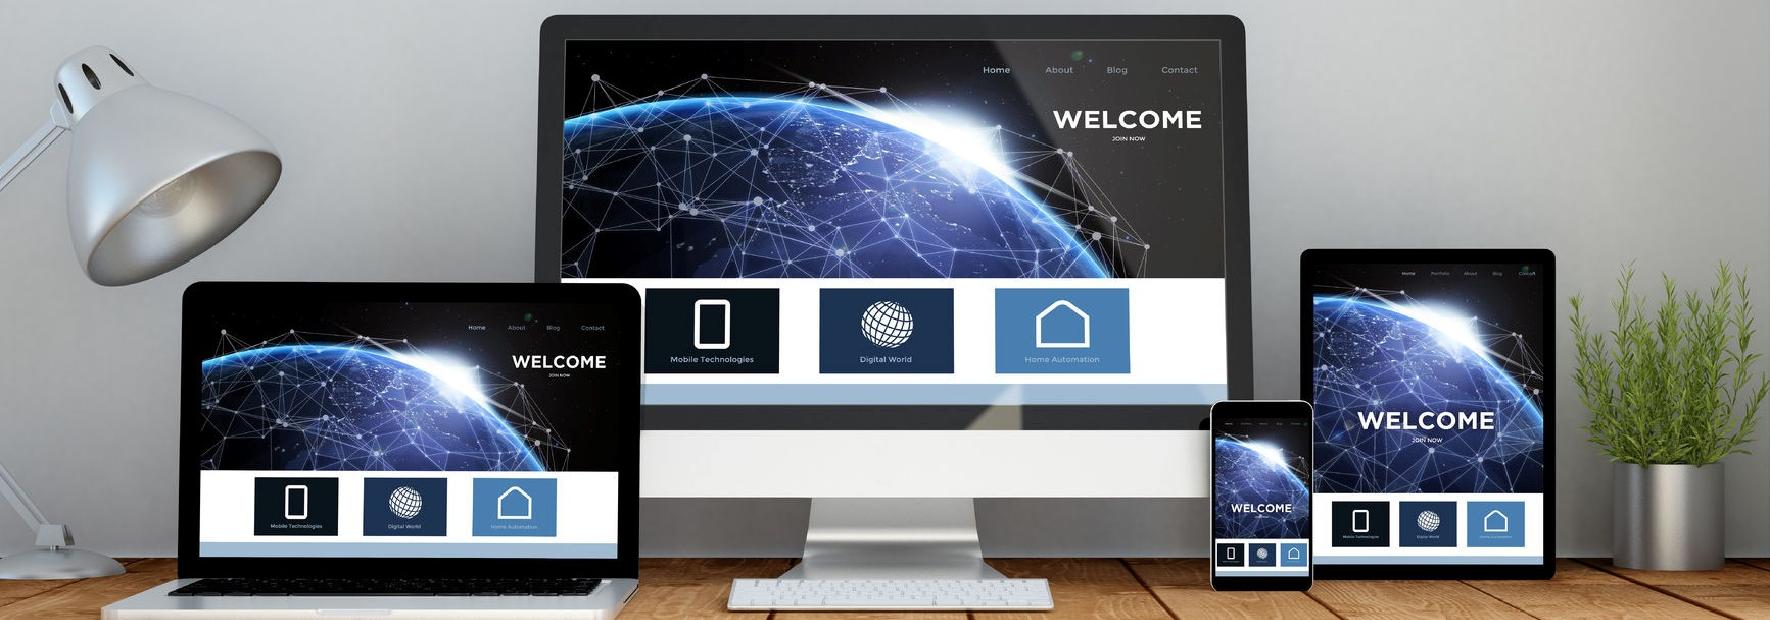 PCサイトとスマートフォンサイトを共通化させます。 ホームページはスマホ対応かどうかが肝心です。